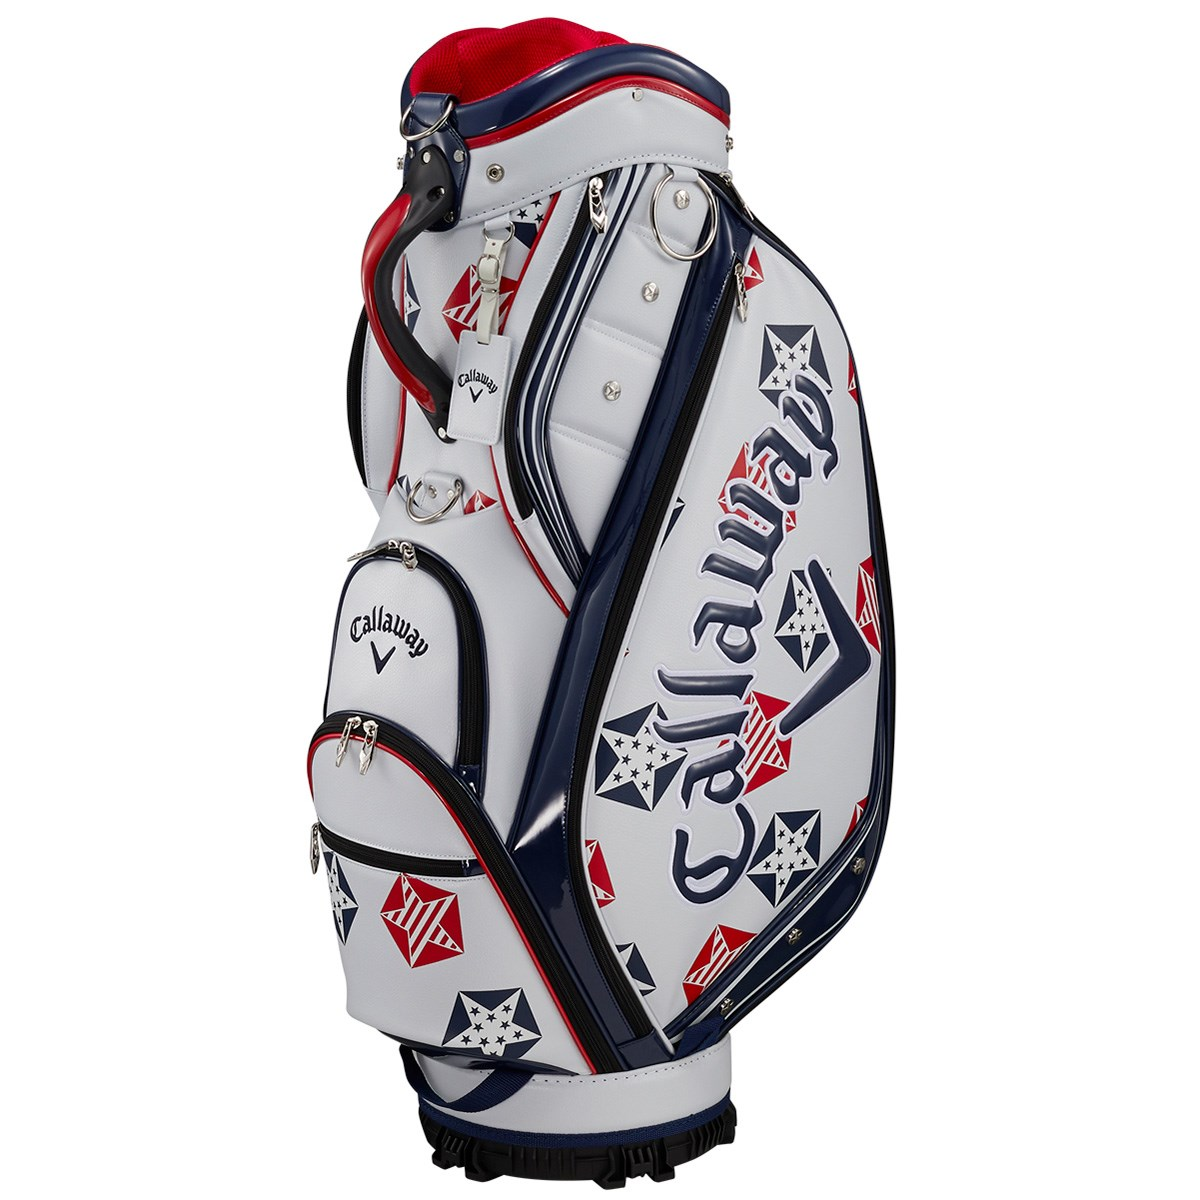 キャロウェイゴルフ(Callaway Golf) SPL-I キャディバッグ JM